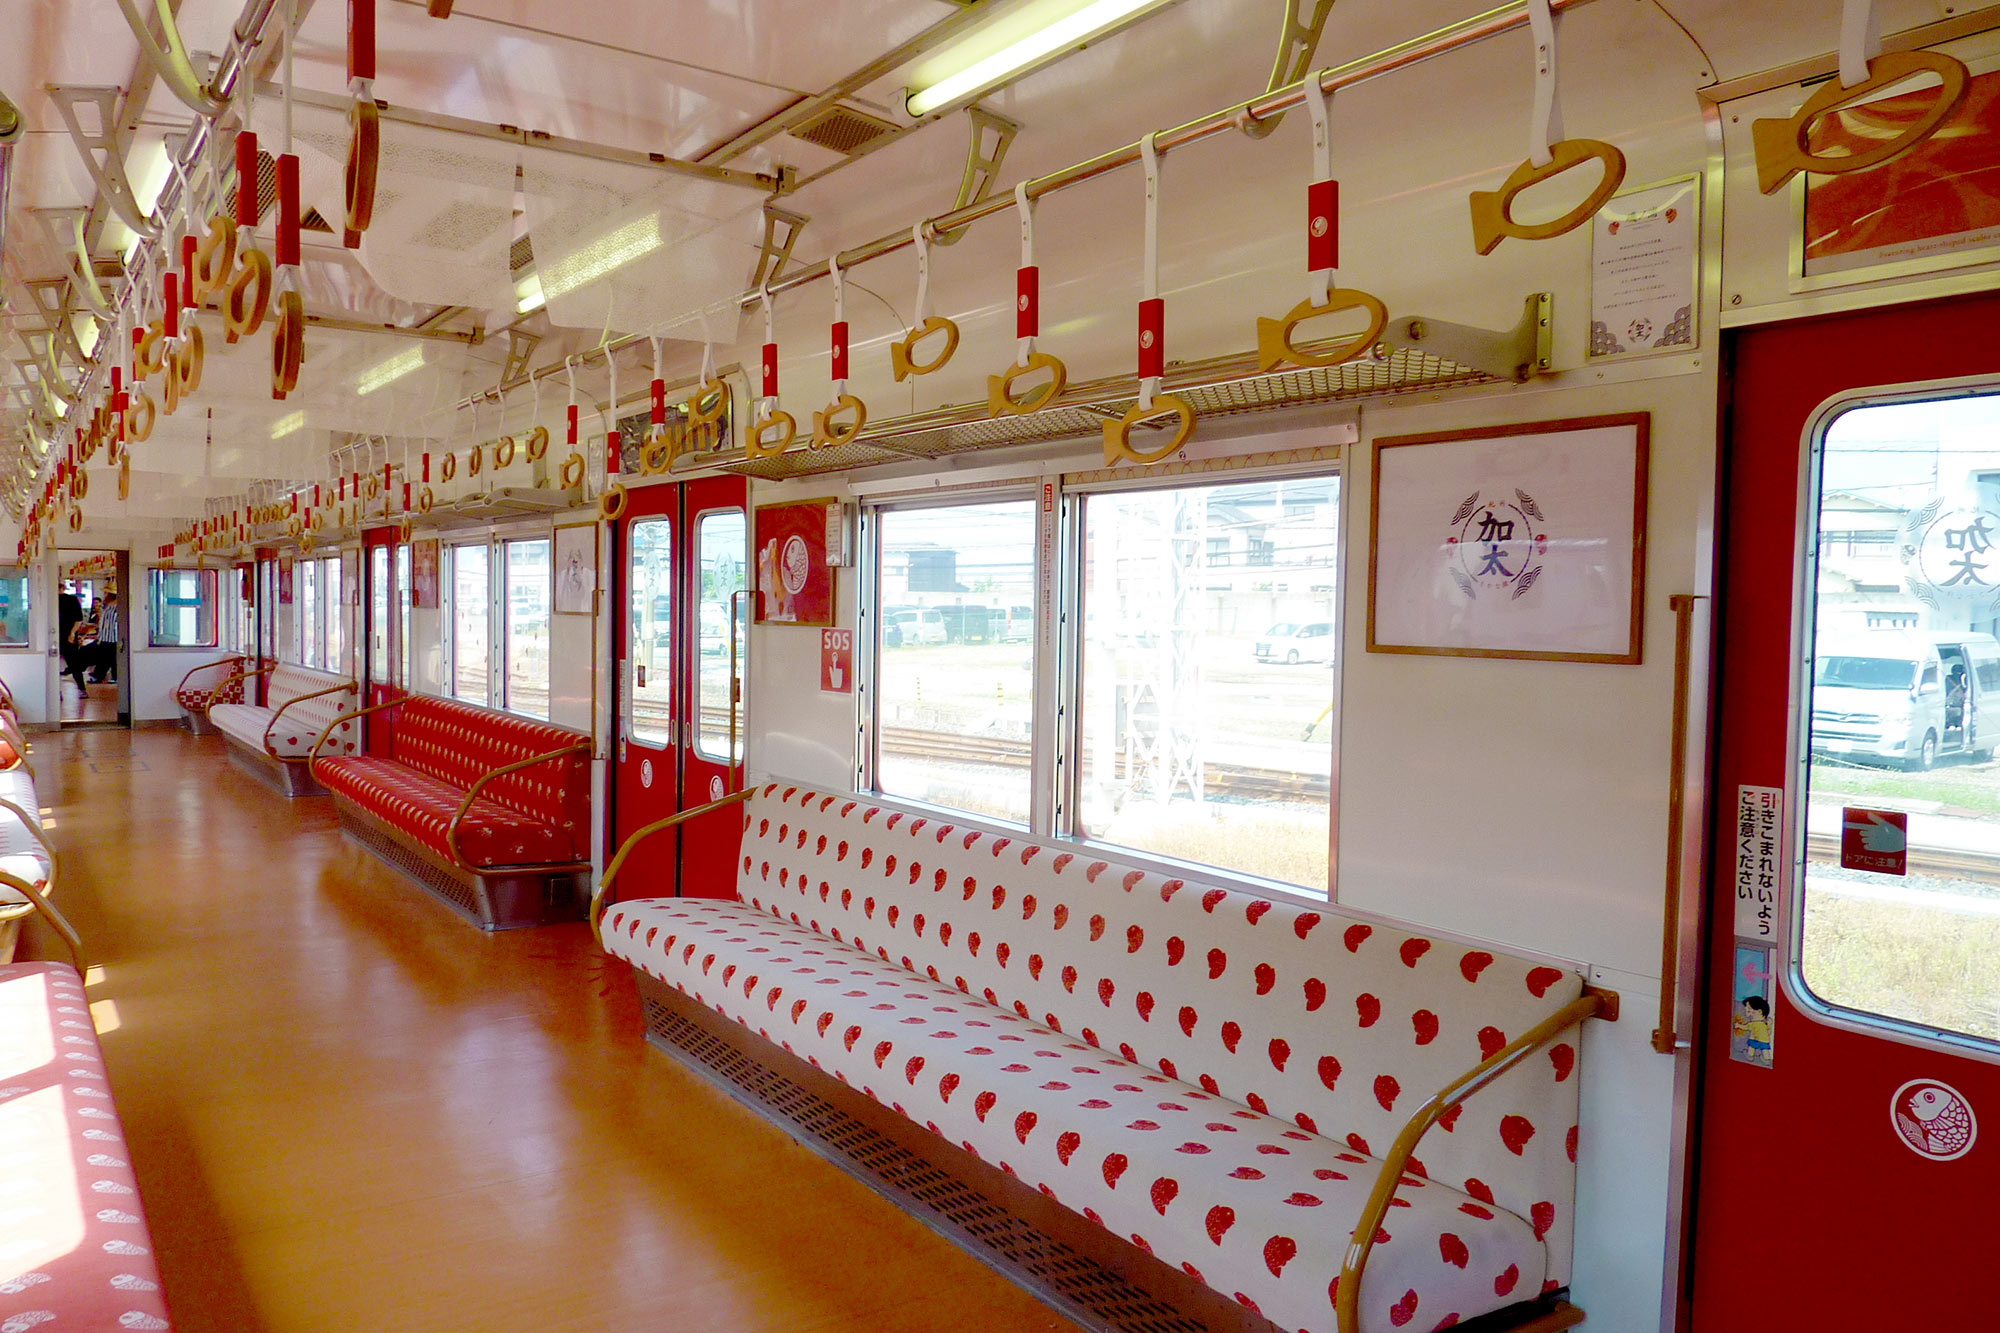 Inside the trainの写真